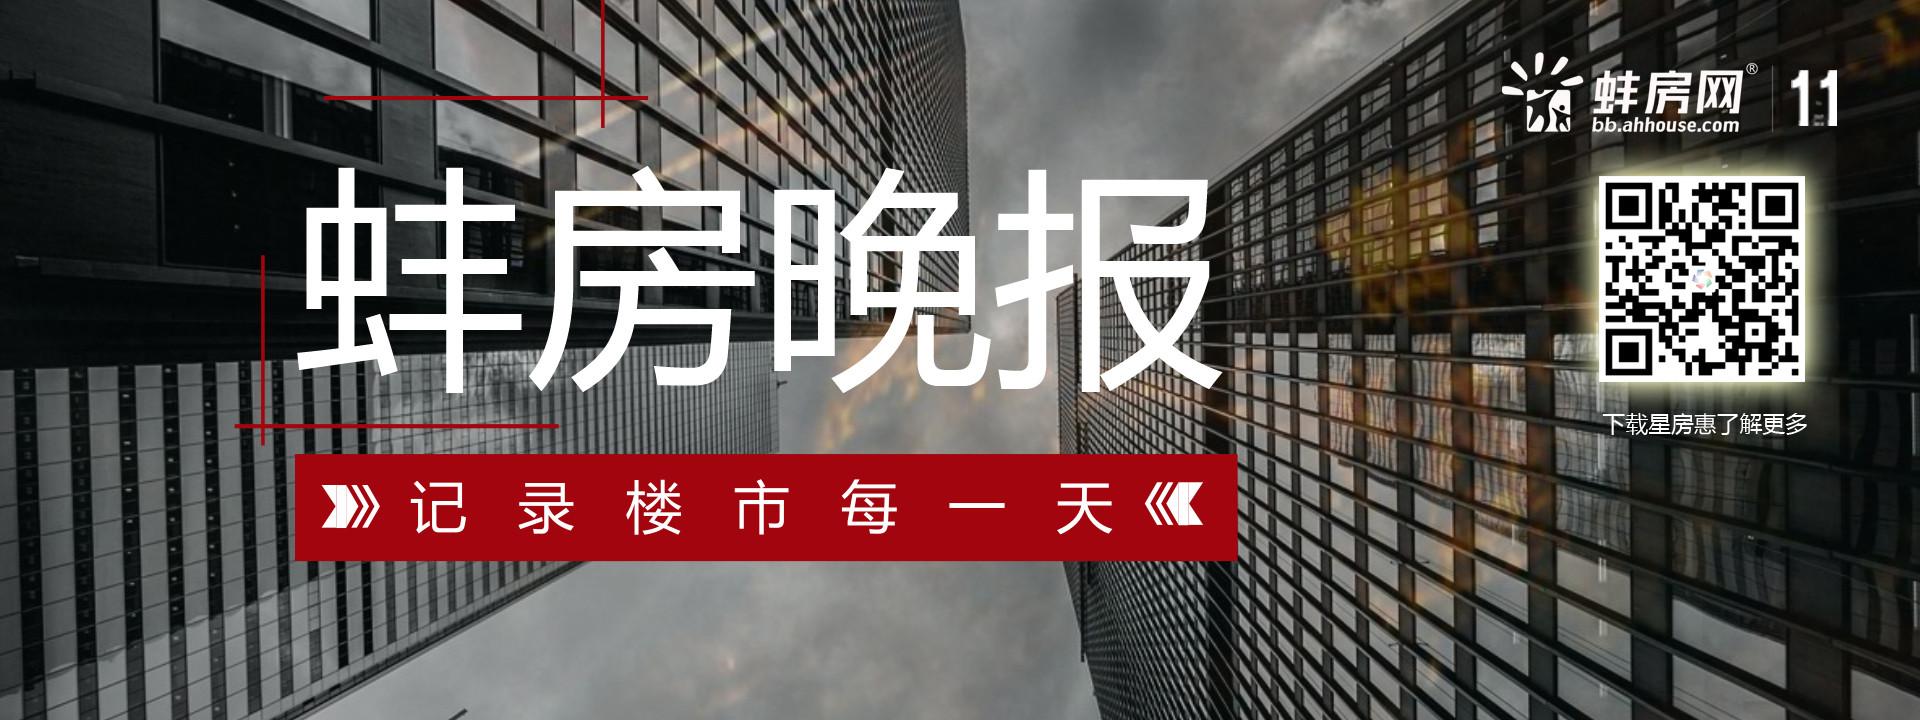 第一季度蚌埠商品房批售104.42万方 土地成交200亩